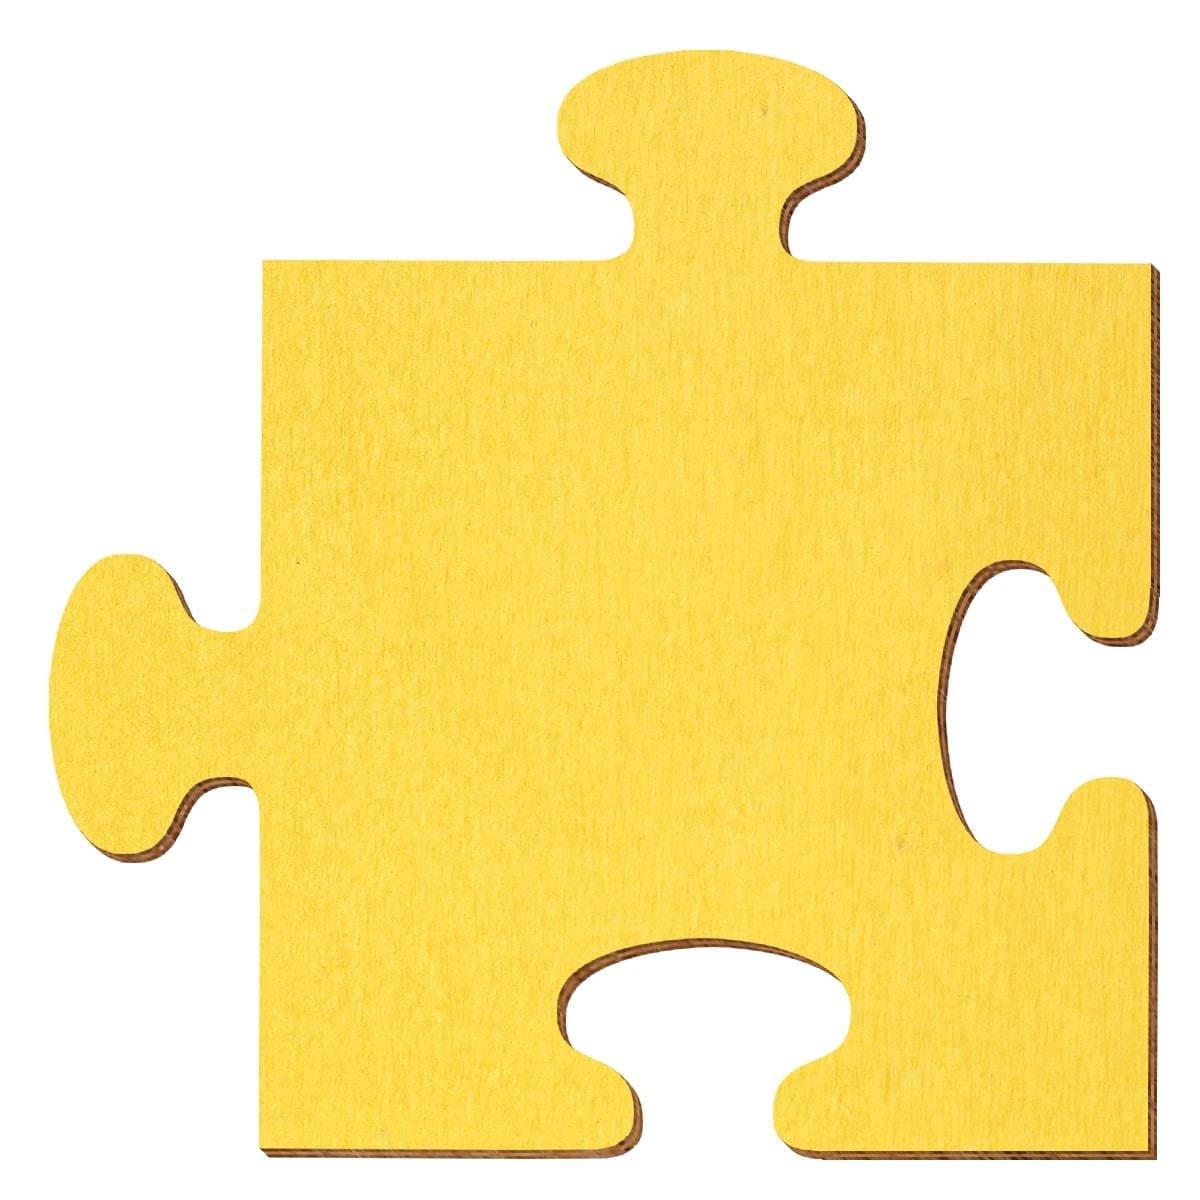 Bütic GmbH buetic compensato sbozzati Giallo–Puzzle–Misura a Scelta–Pioppo 3mm, Compensato, 5 x 5cm